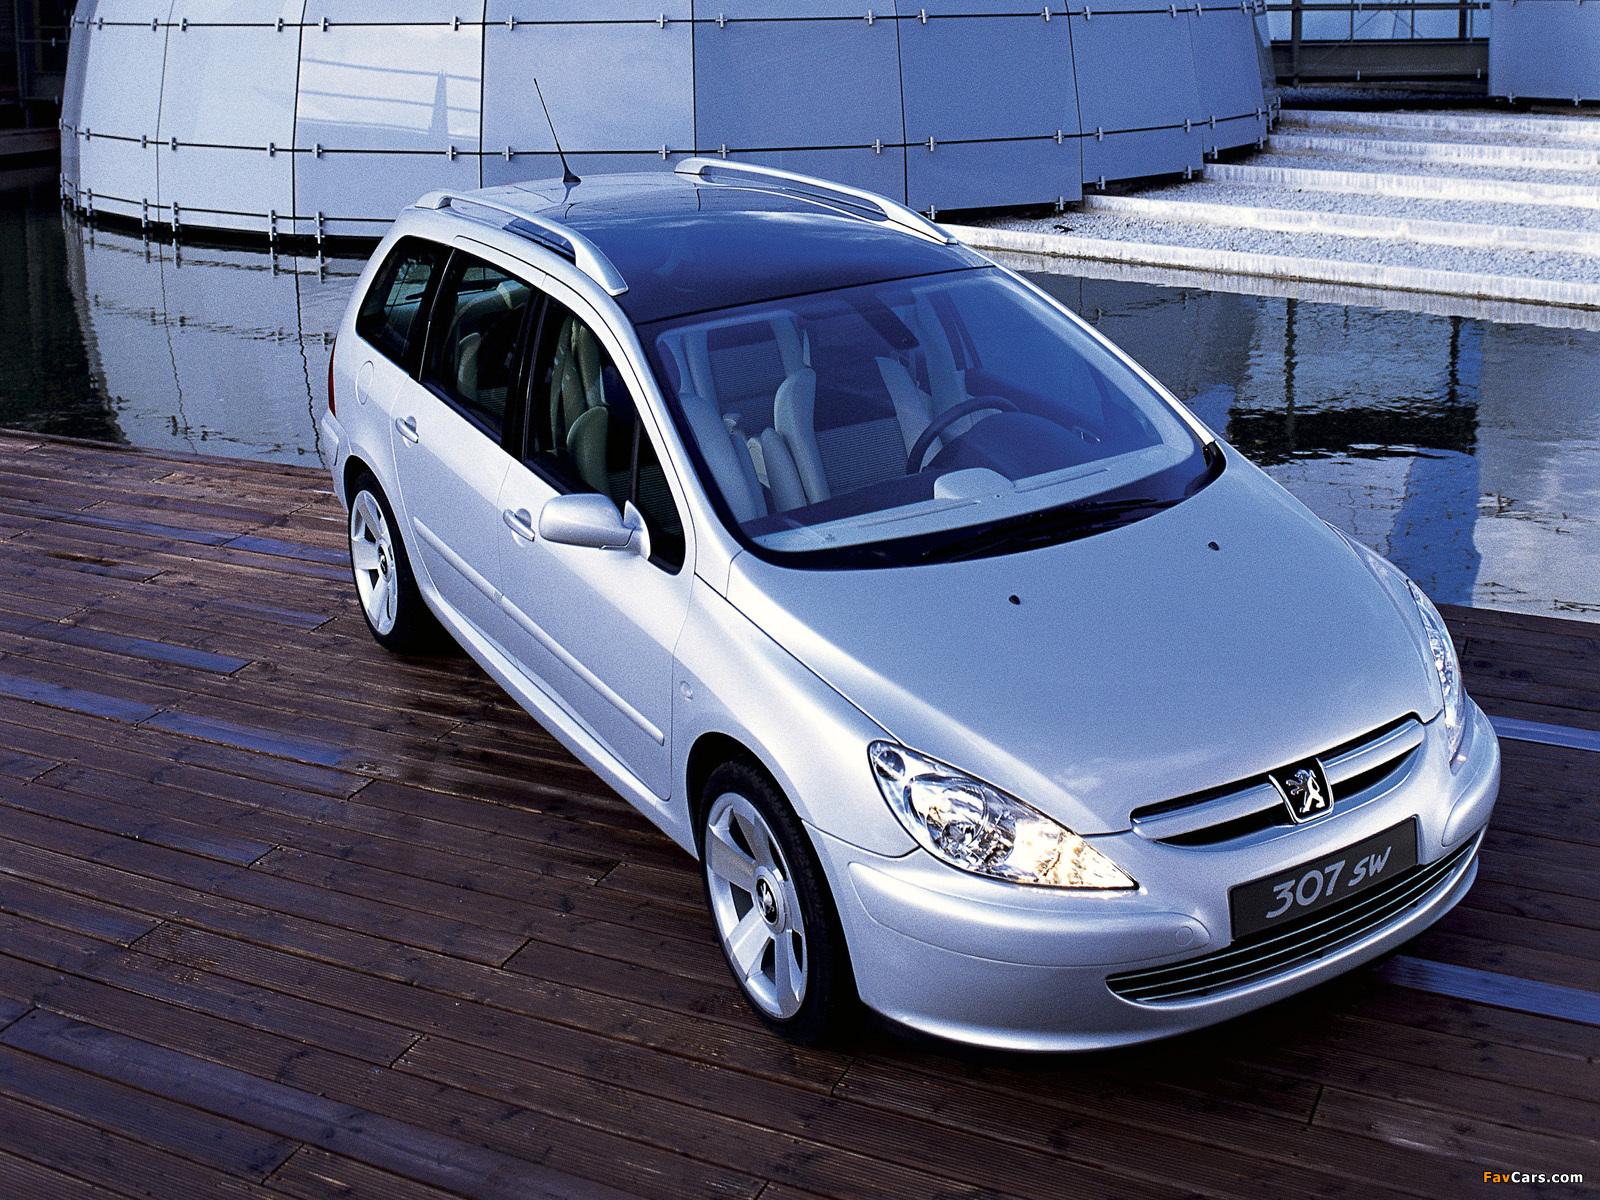 Peugeot 307 Sw Concept 2001 Images 1600x1200